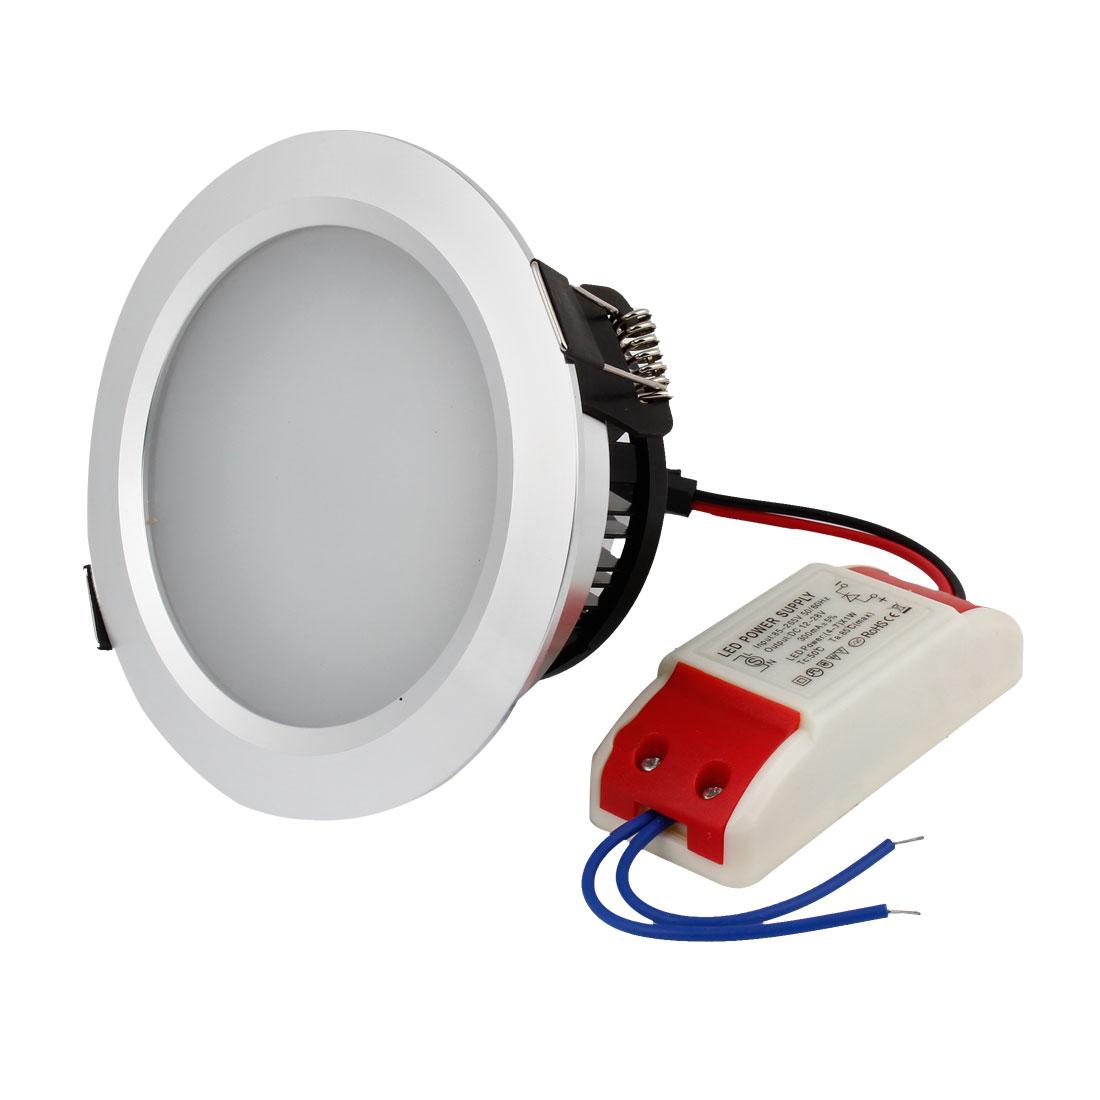 AC 85-265V 7W 6000-6500K 14 SMD LEDs White LED Light Downlight Lamp